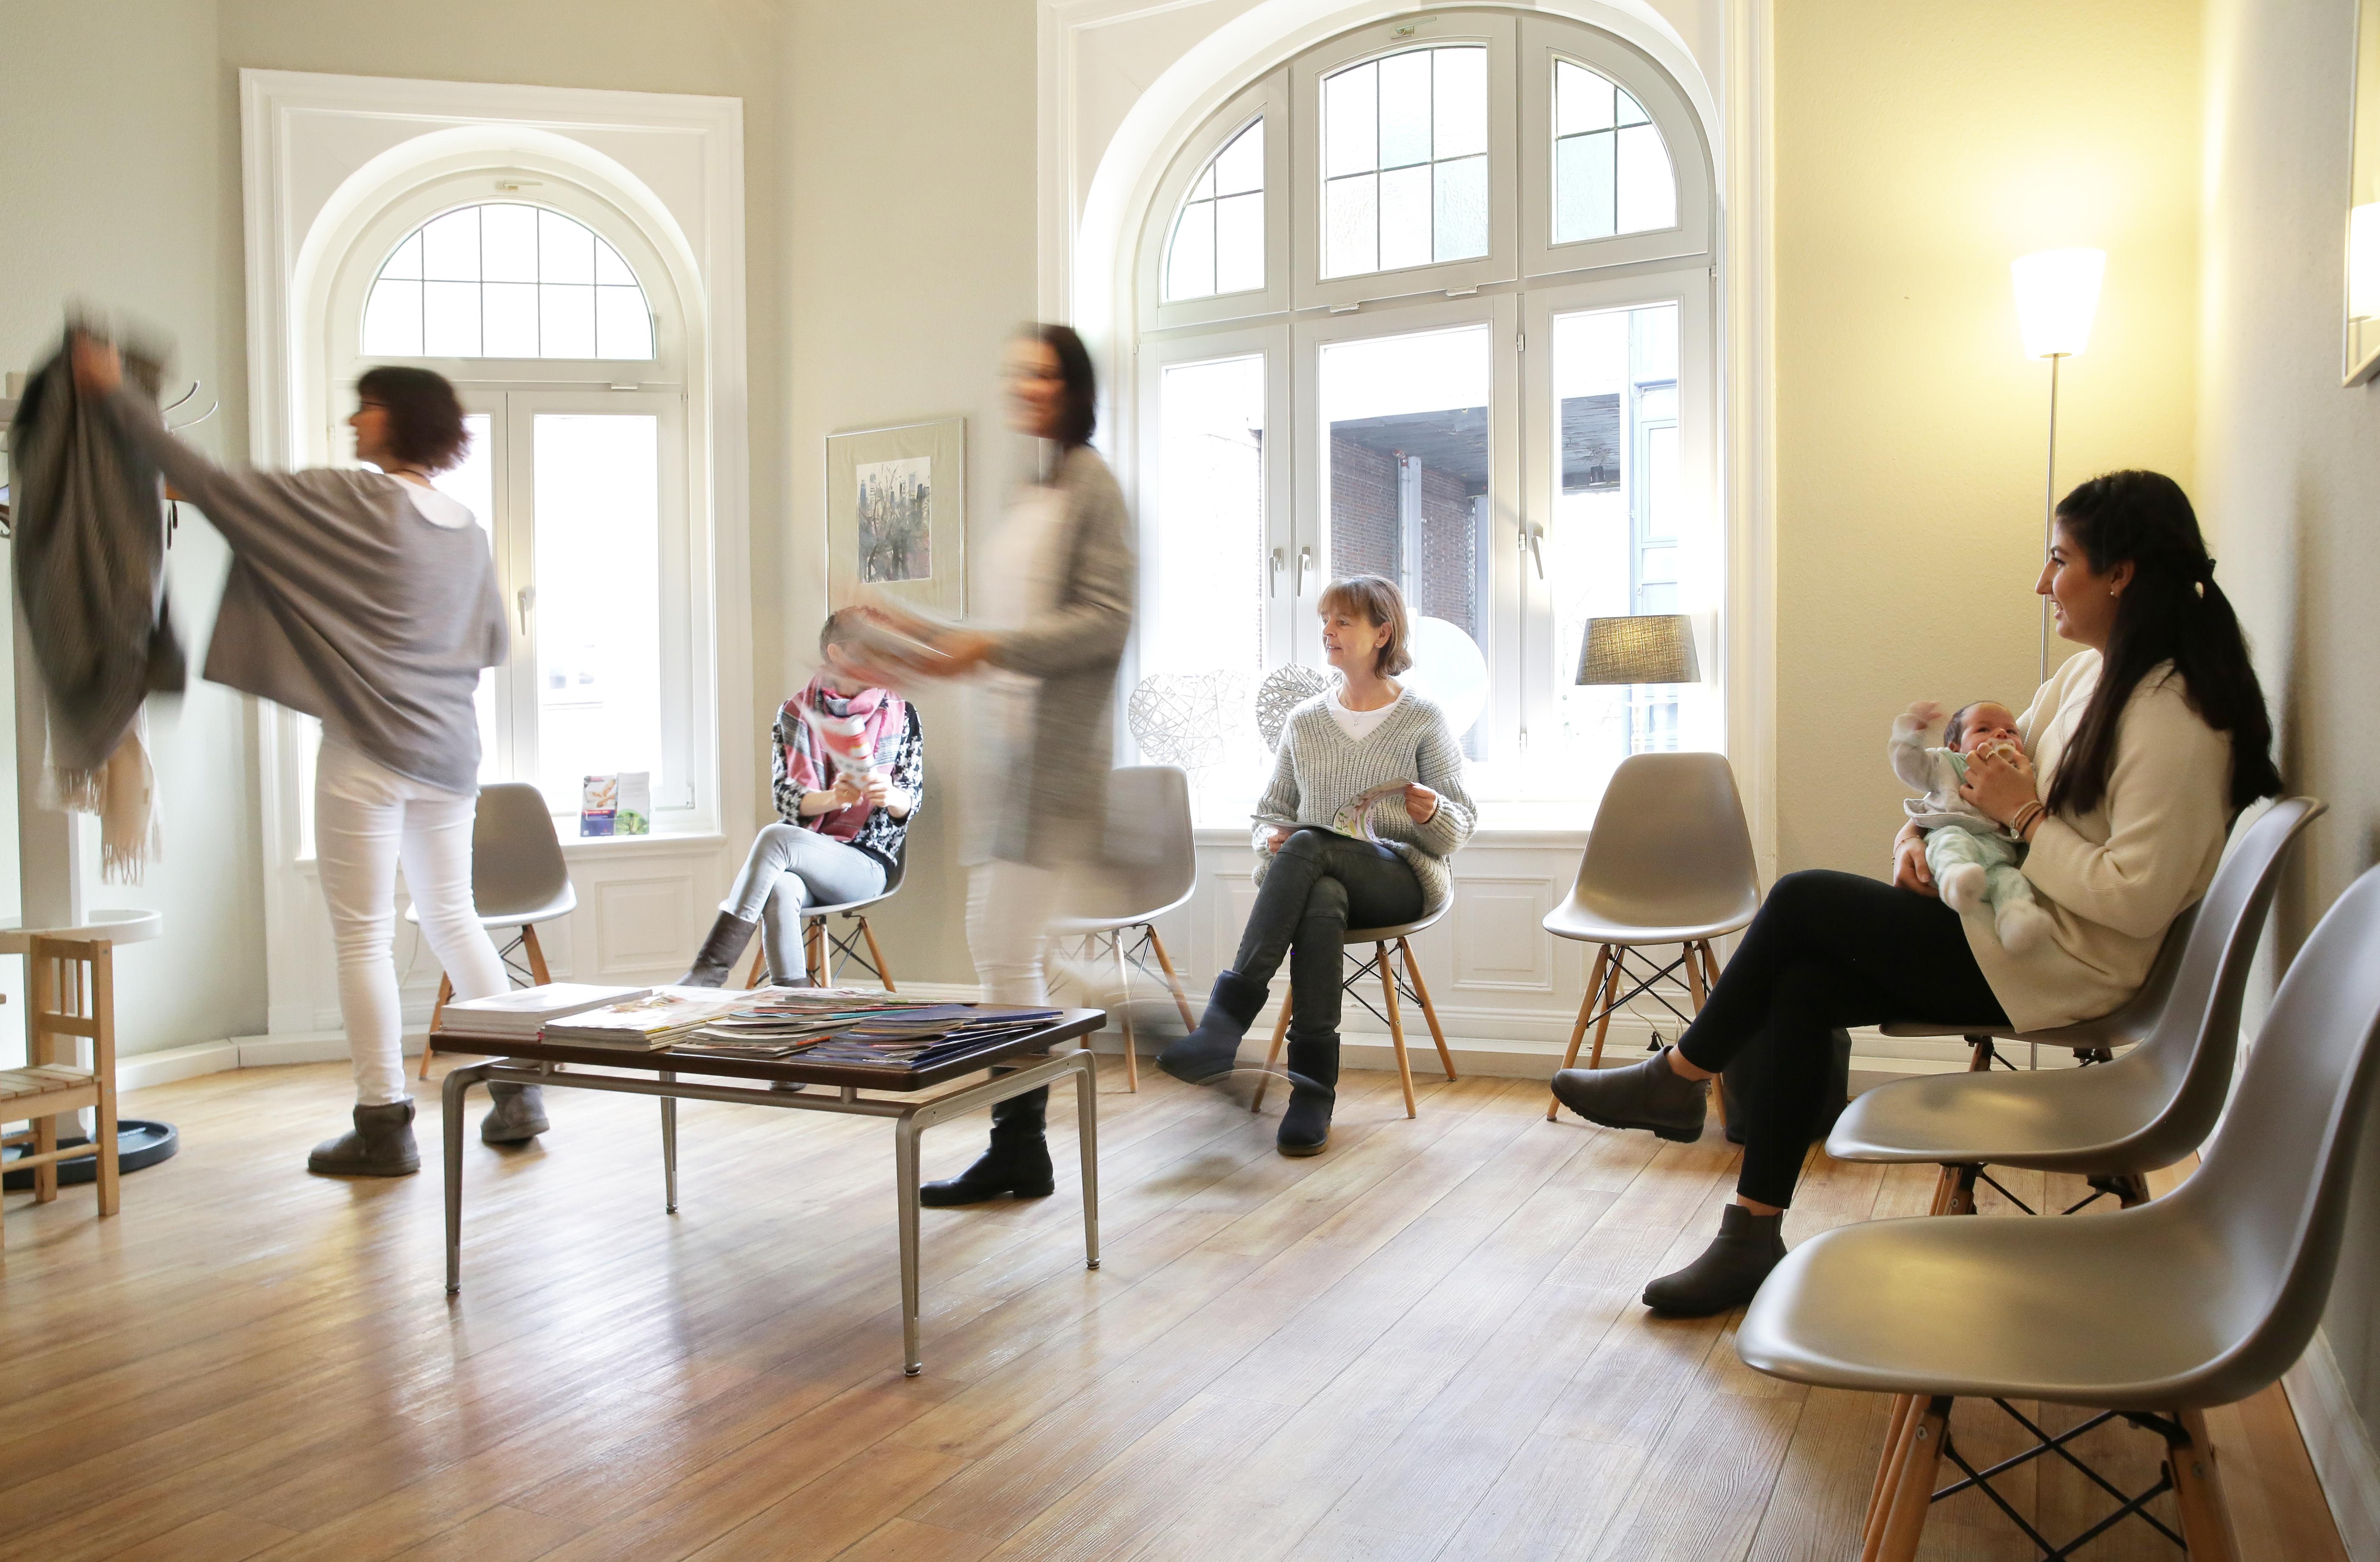 Frauenarzt In Hamburg